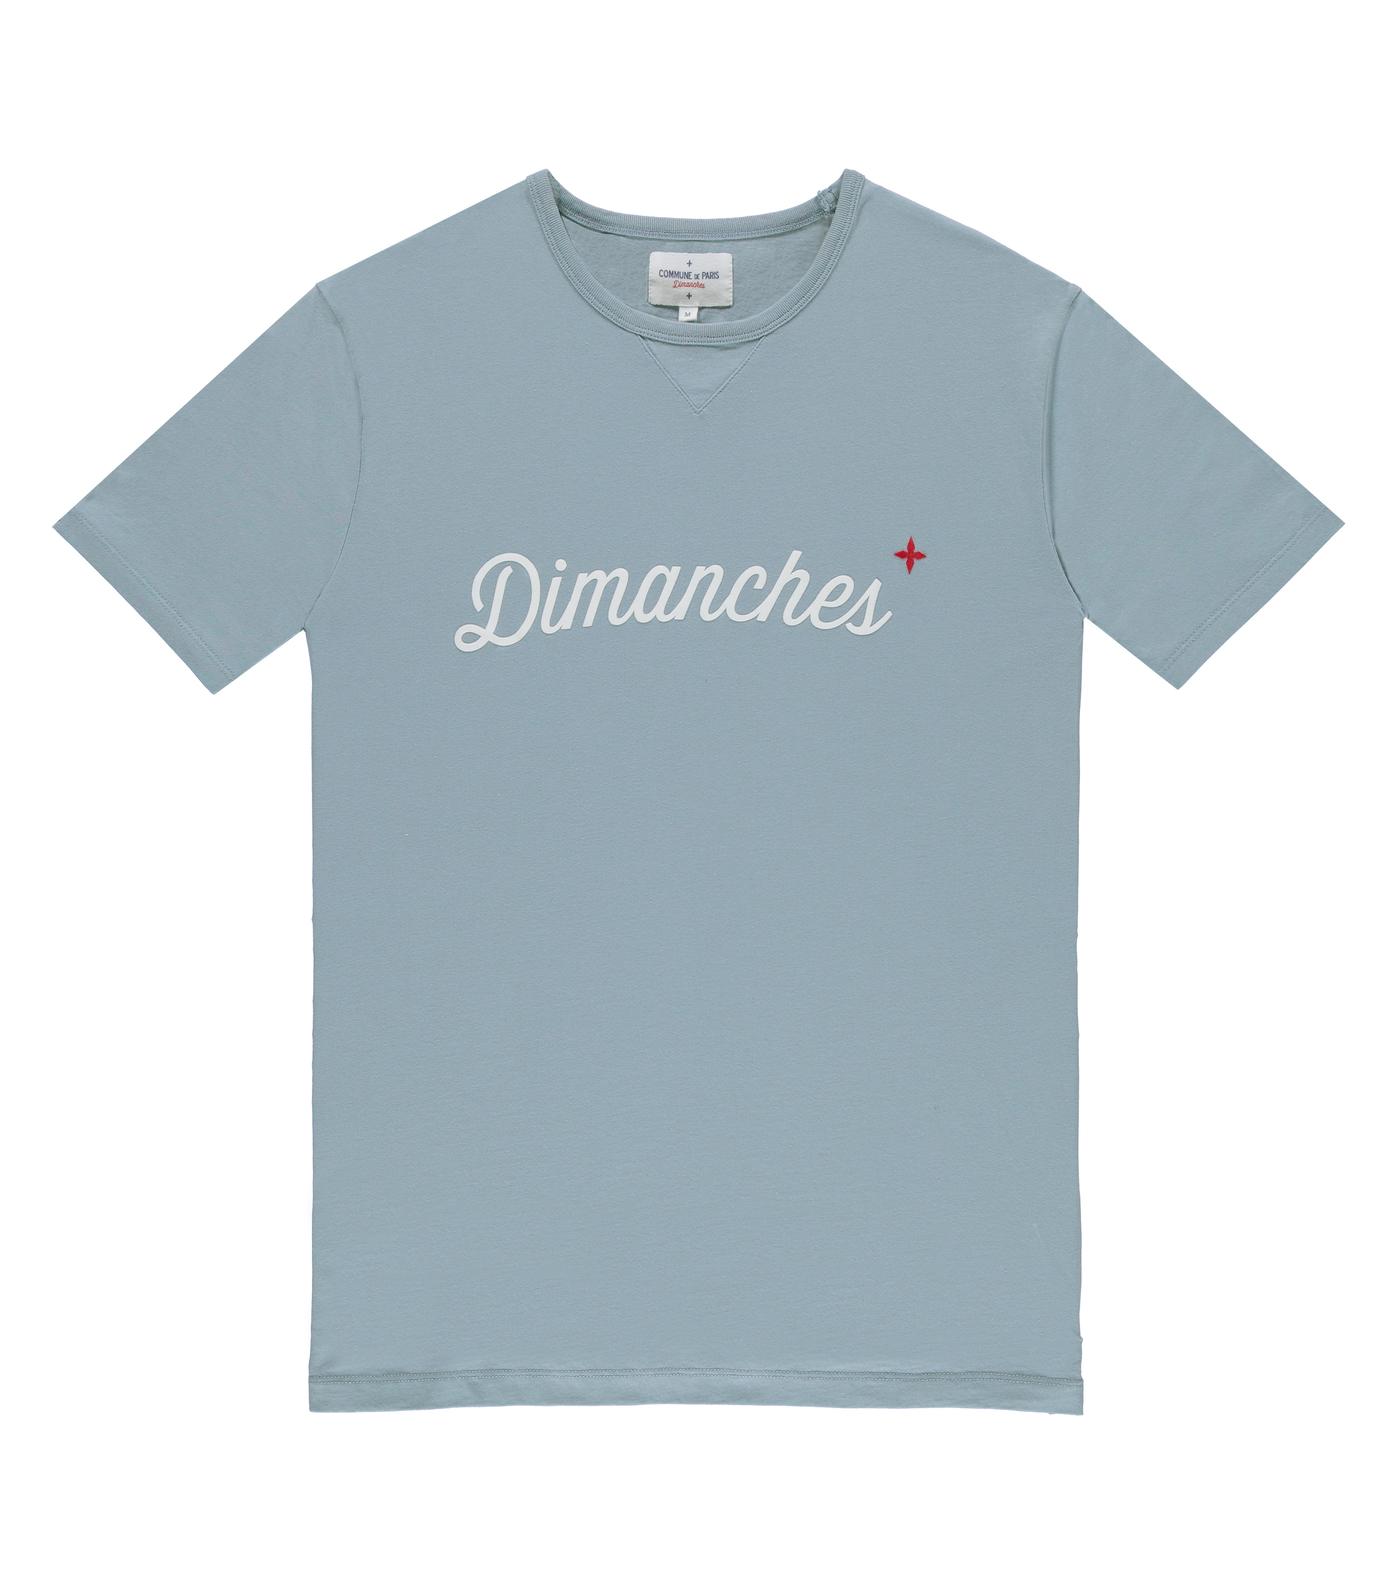 Tee-shirt Dimanches 03 - Bleu